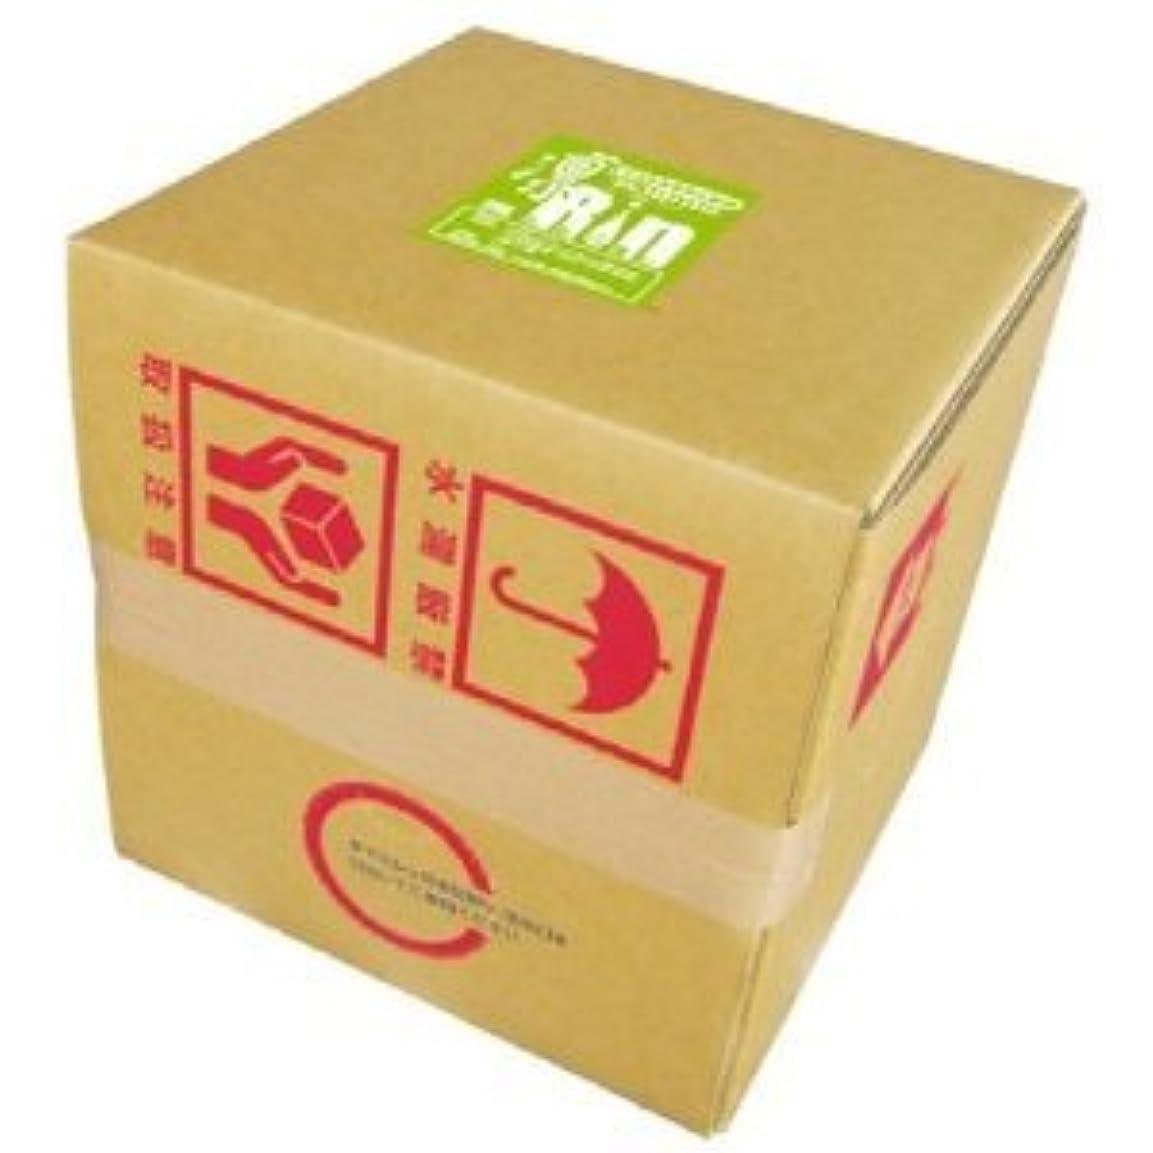 セブン申し立てるジャムくさの葉化粧品 ボディソープ 凛 20リットル 箱